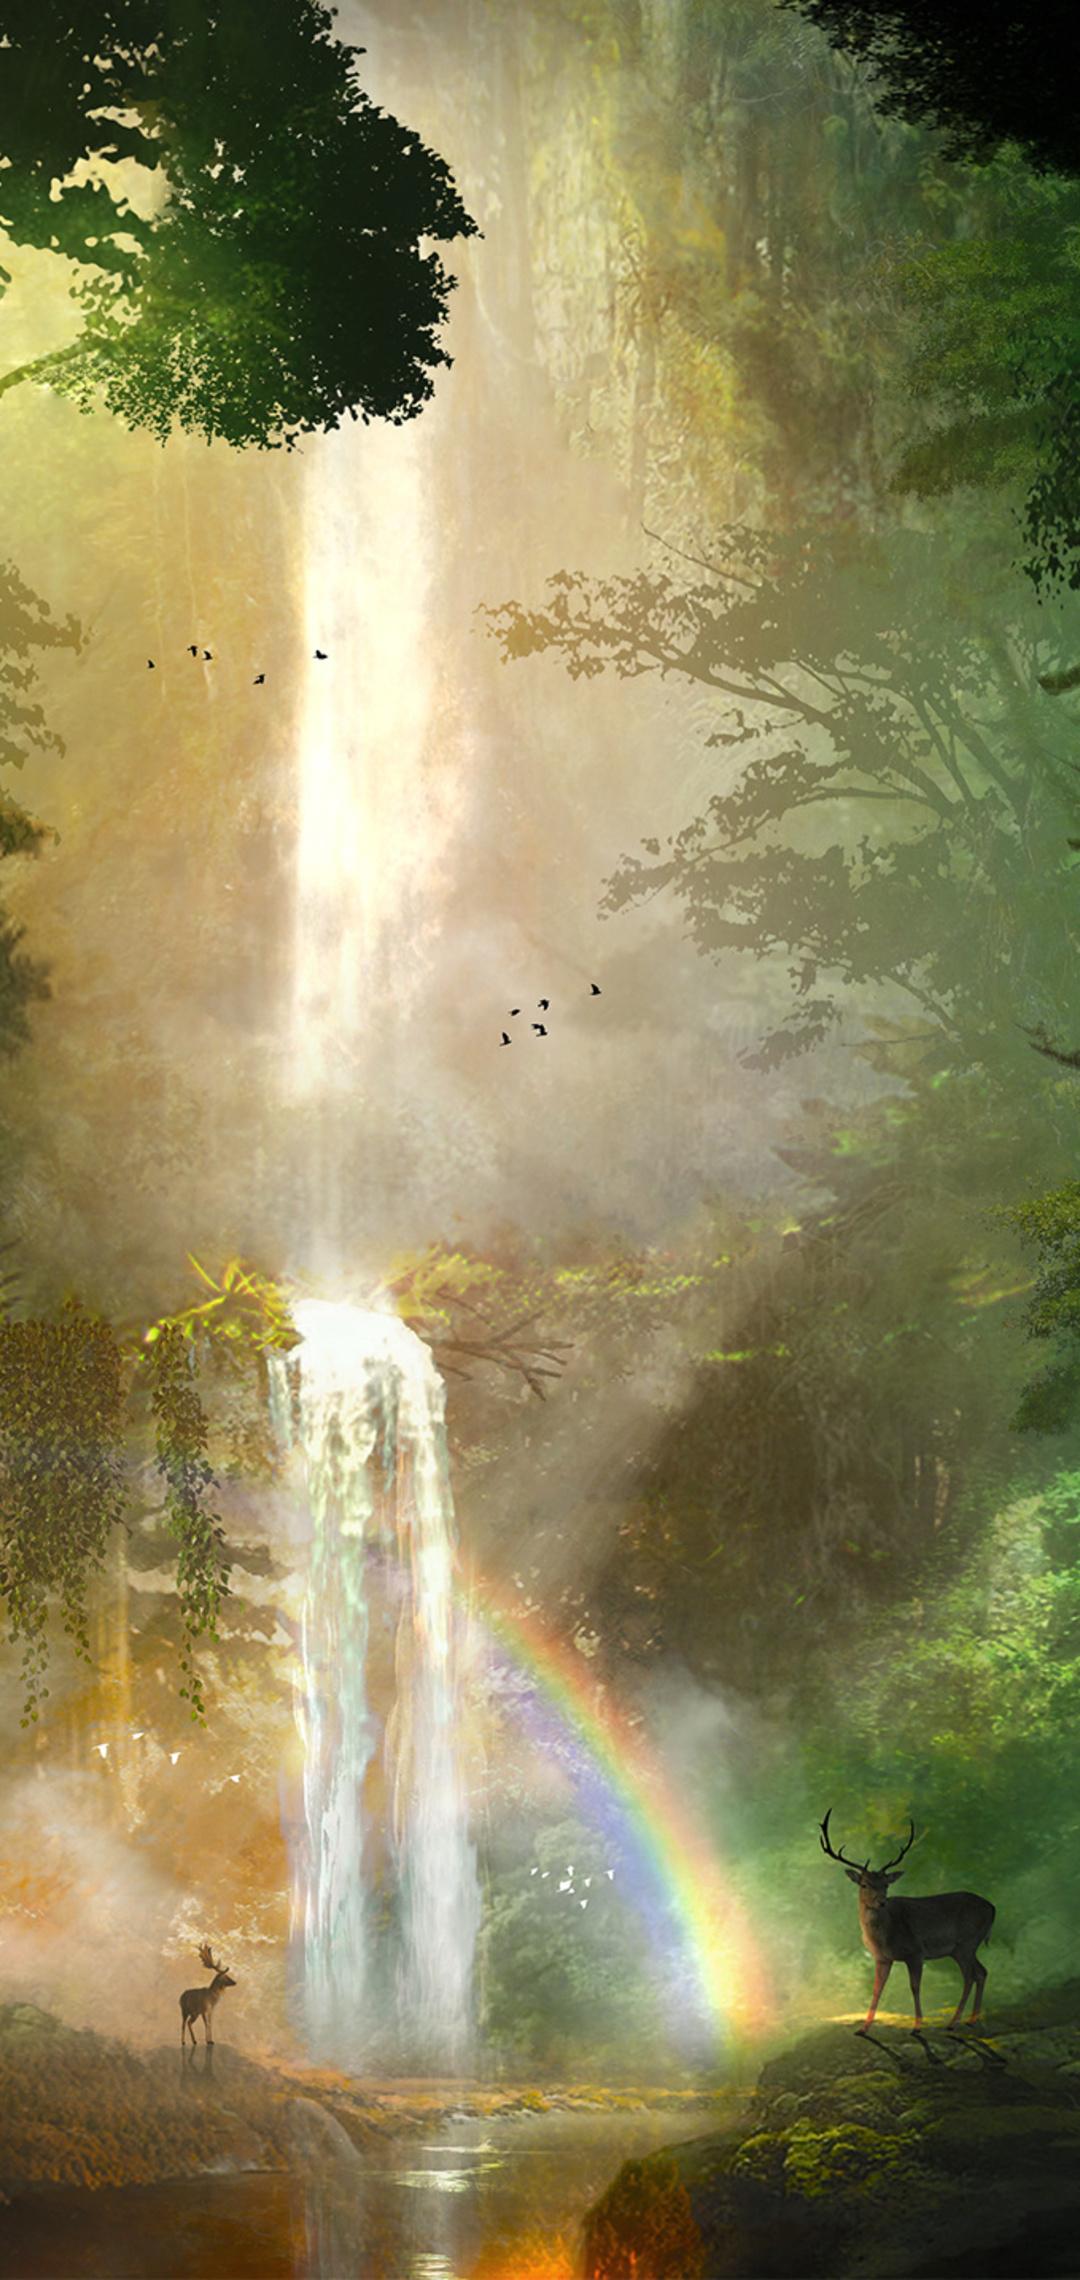 jungle-deer-boat-forest-landscape-nature-artwork-nc.jpg